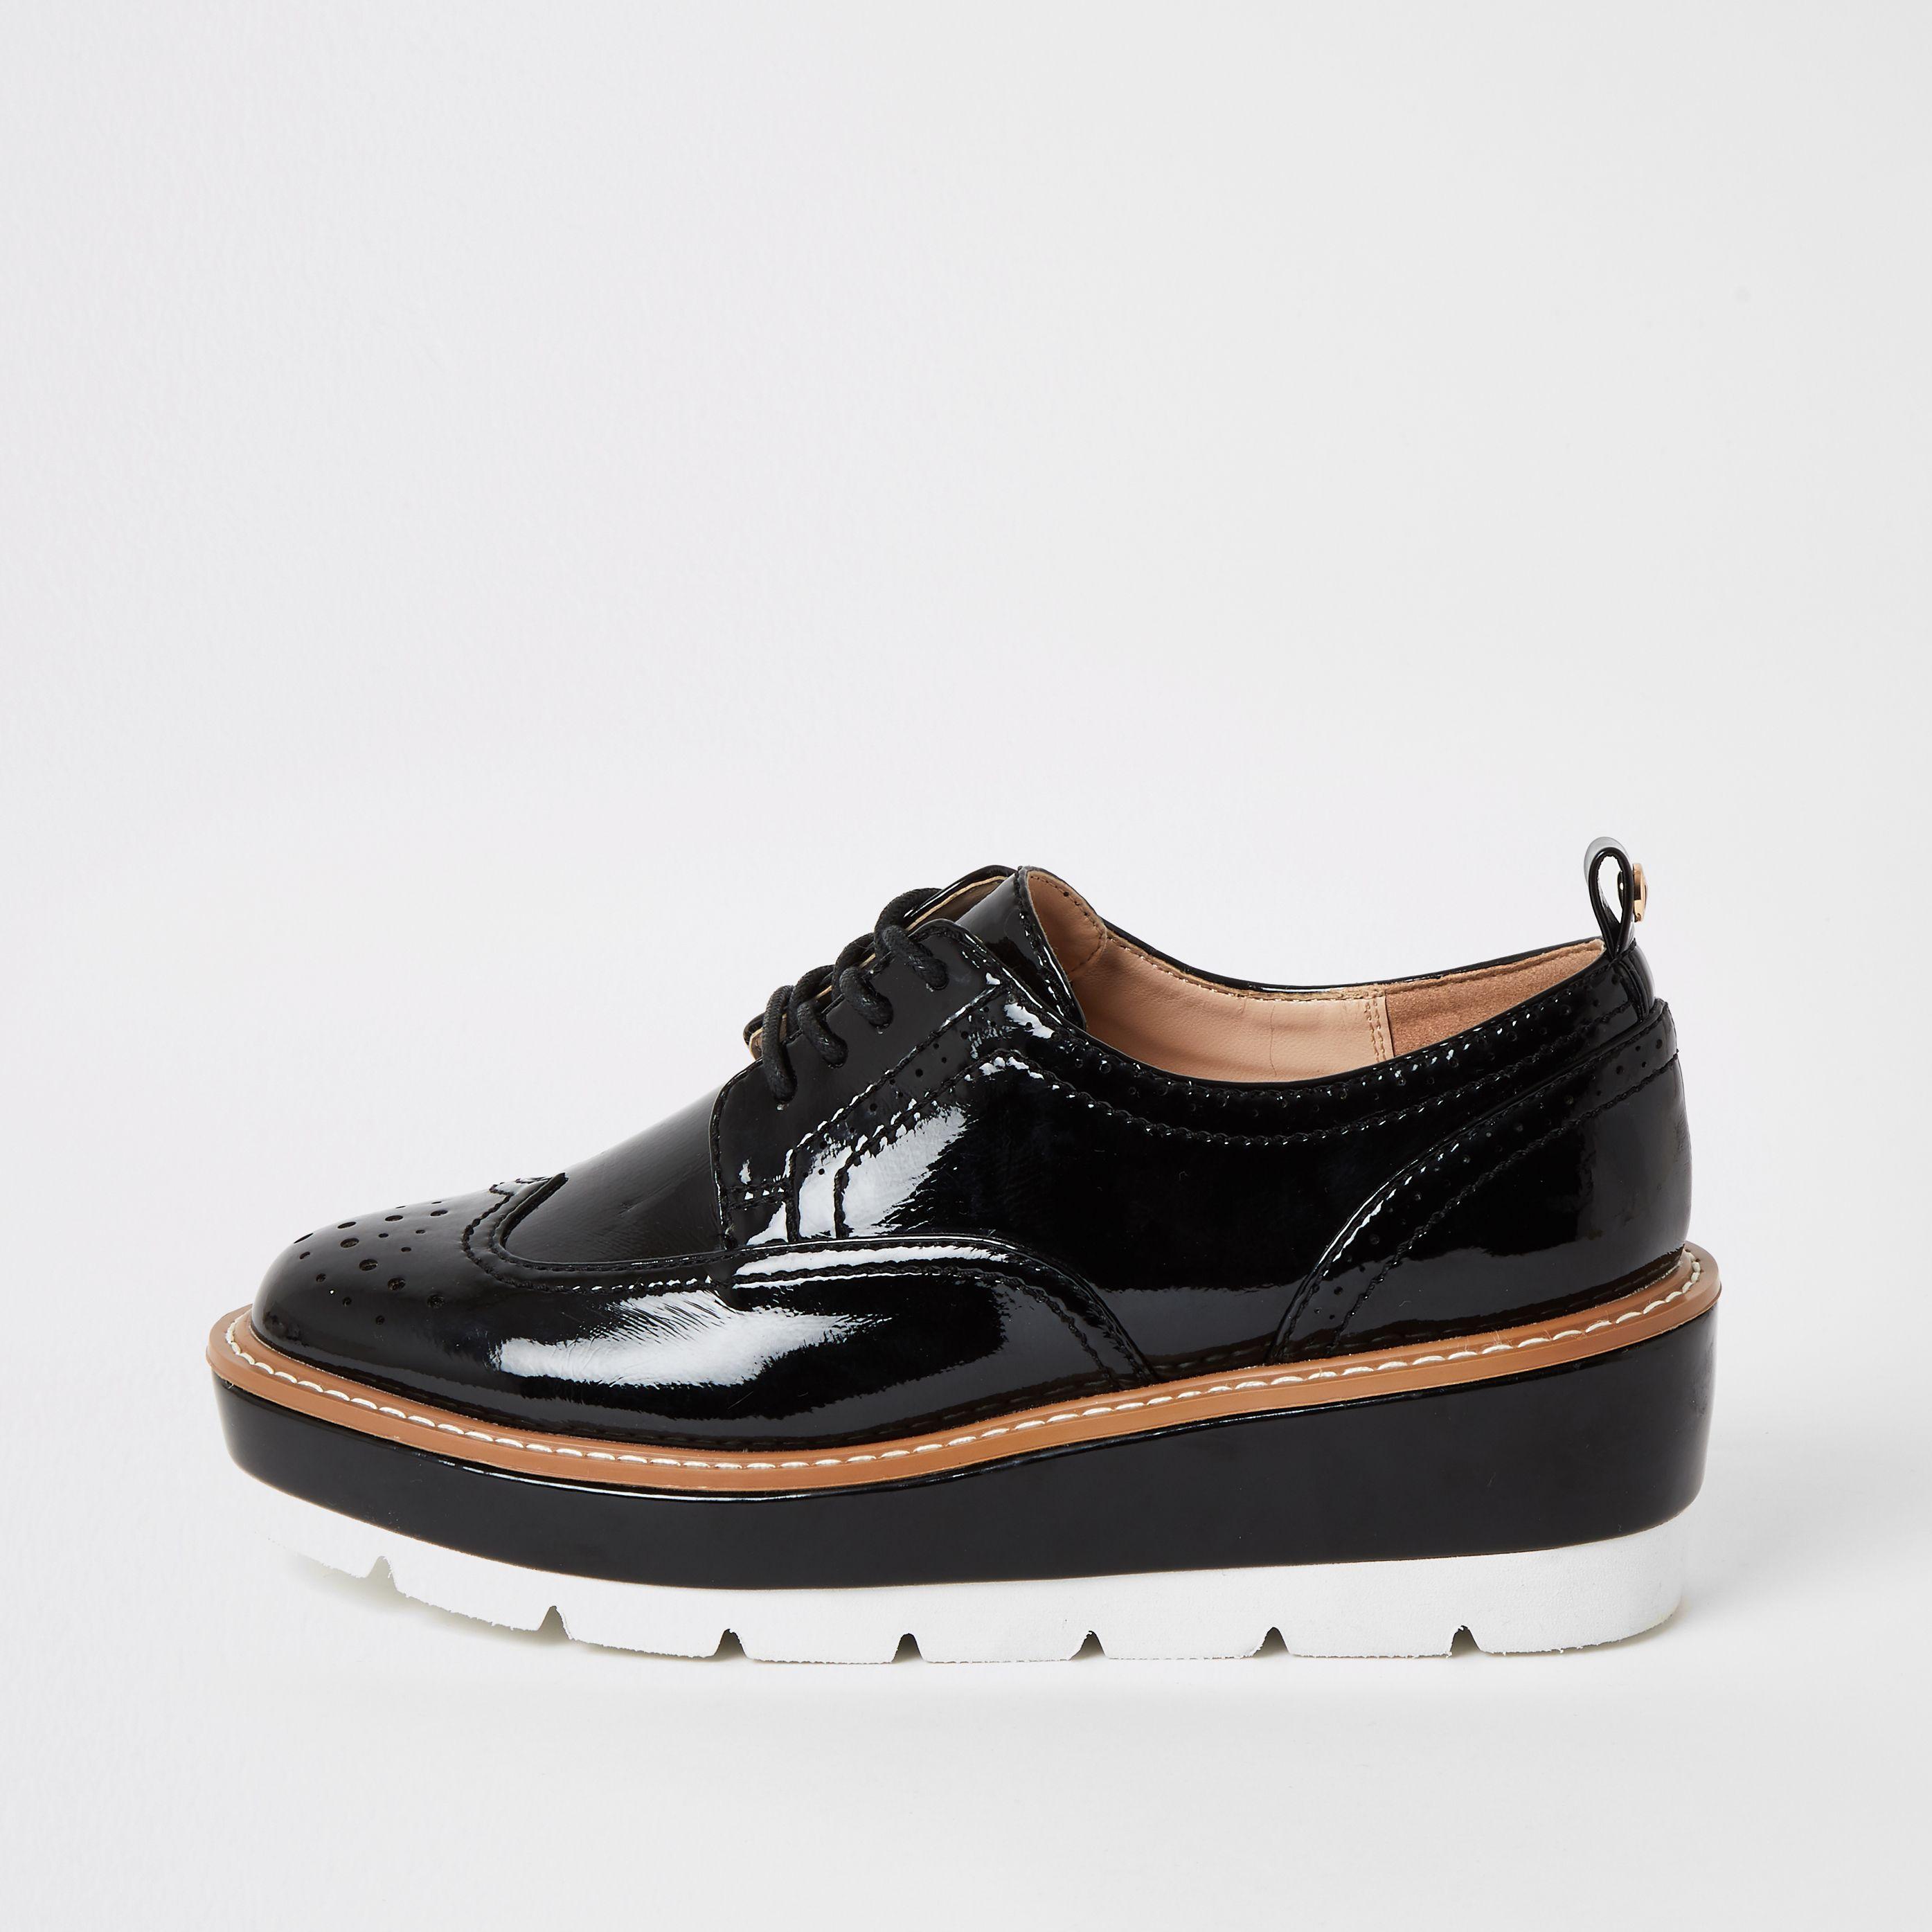 Women platform shoes, Shoe boots